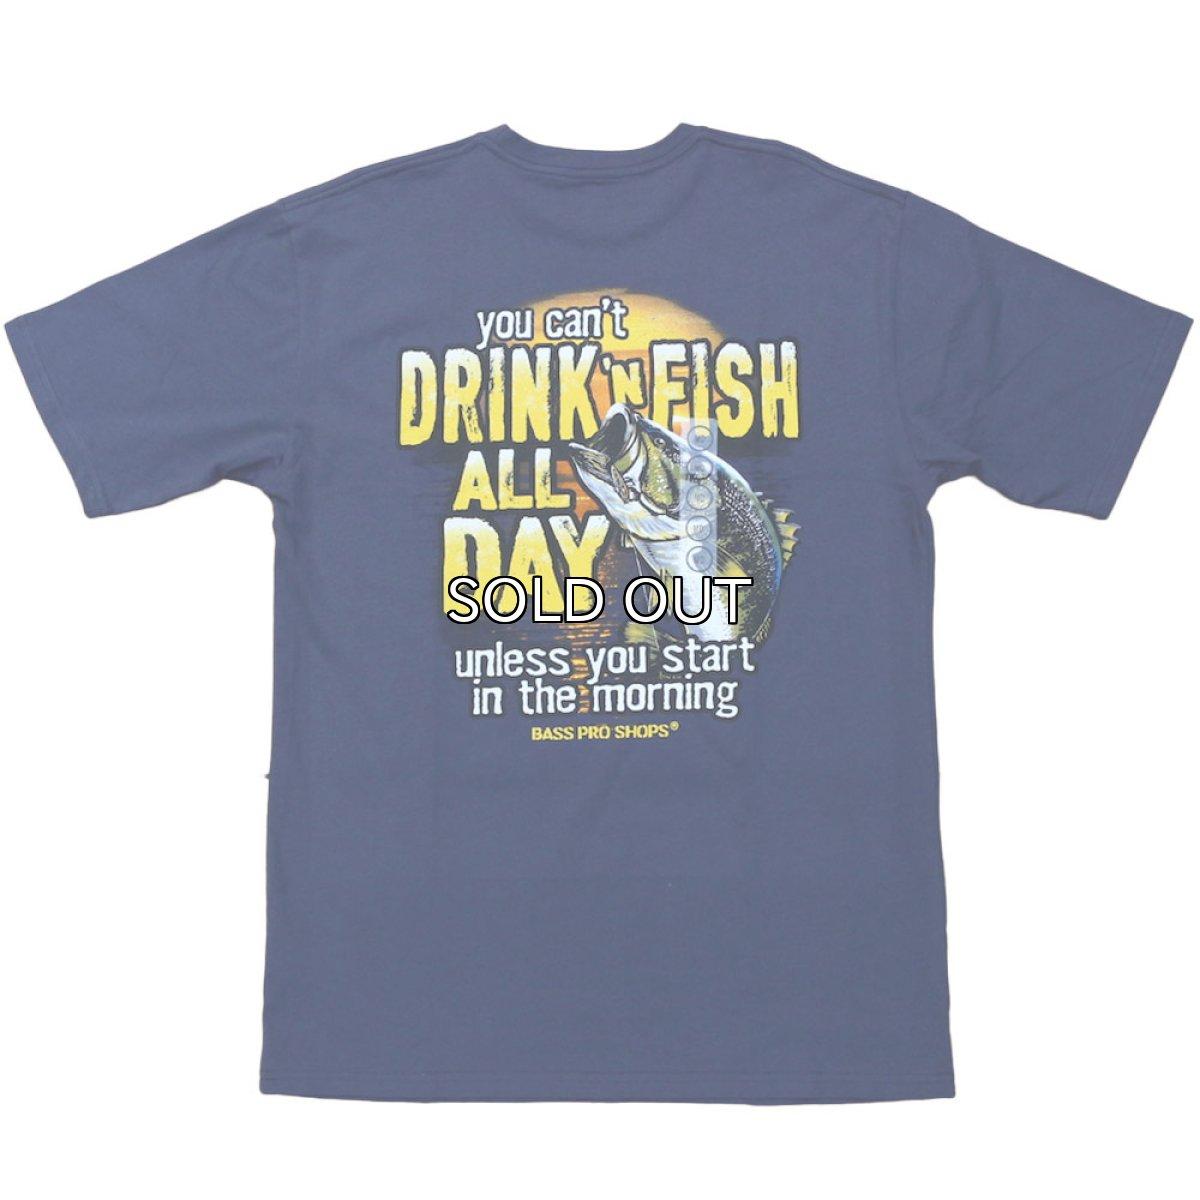 画像1: BASS PRO SHOPS DRINK 'N FISH S/S TEE (1)